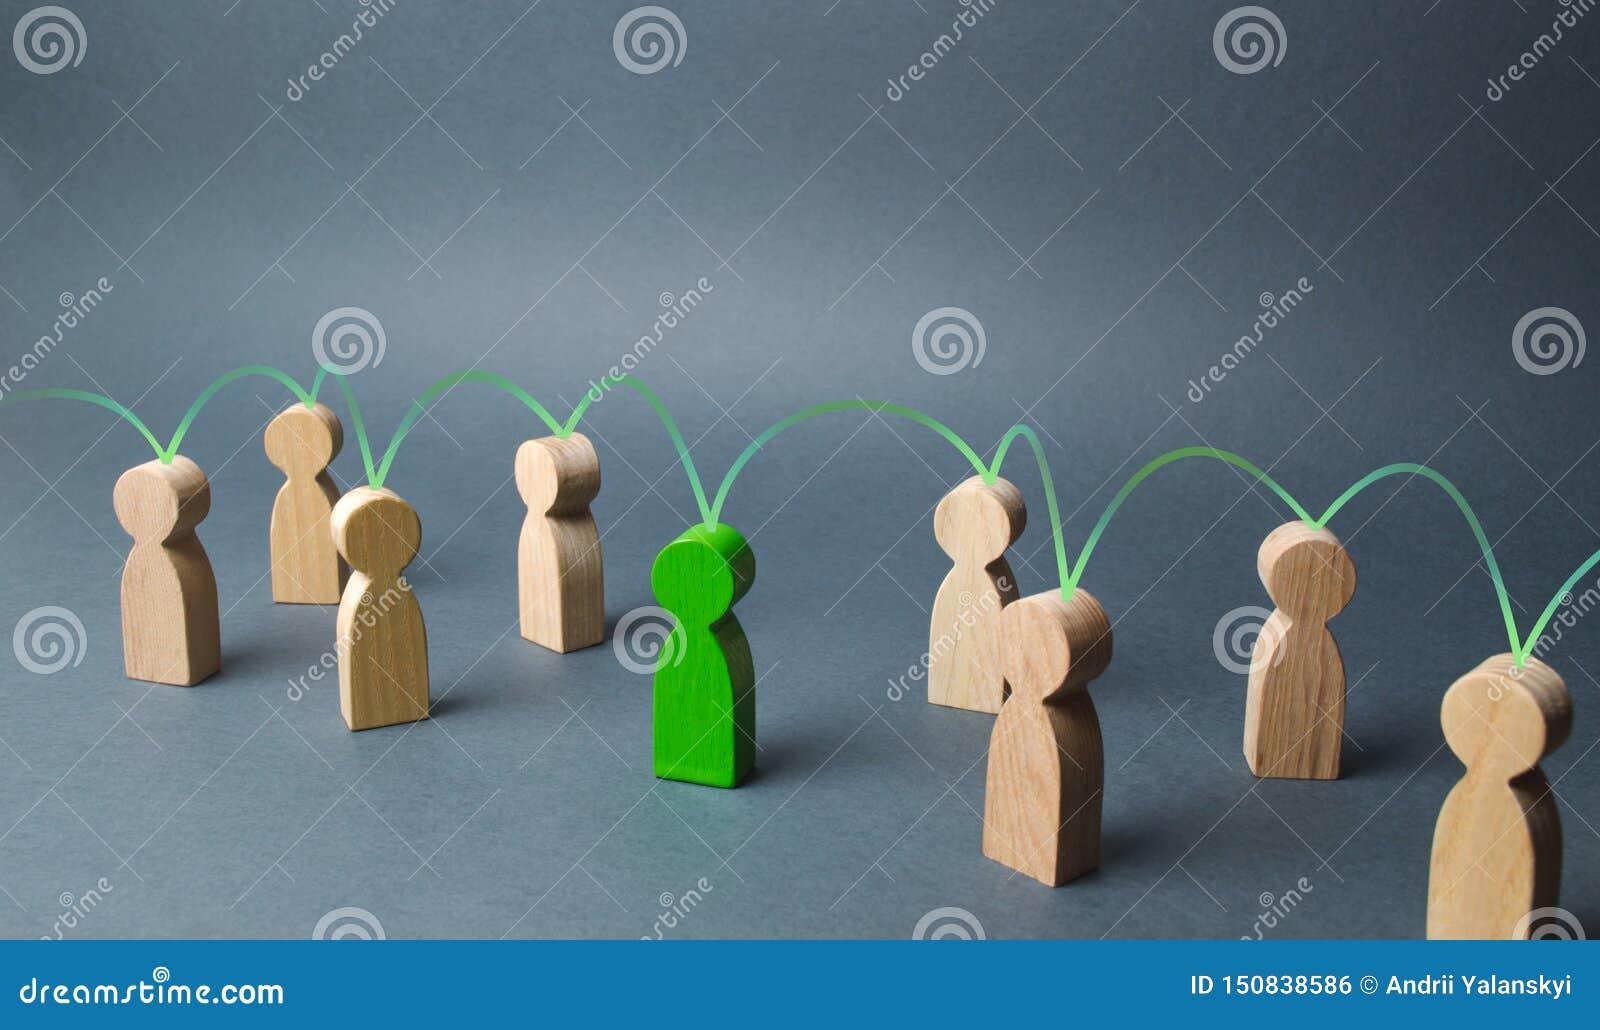 La figura verde de una persona une a otras personas alrededor de él Conexiones sociales, comunicación organizaci?n Llamada para l